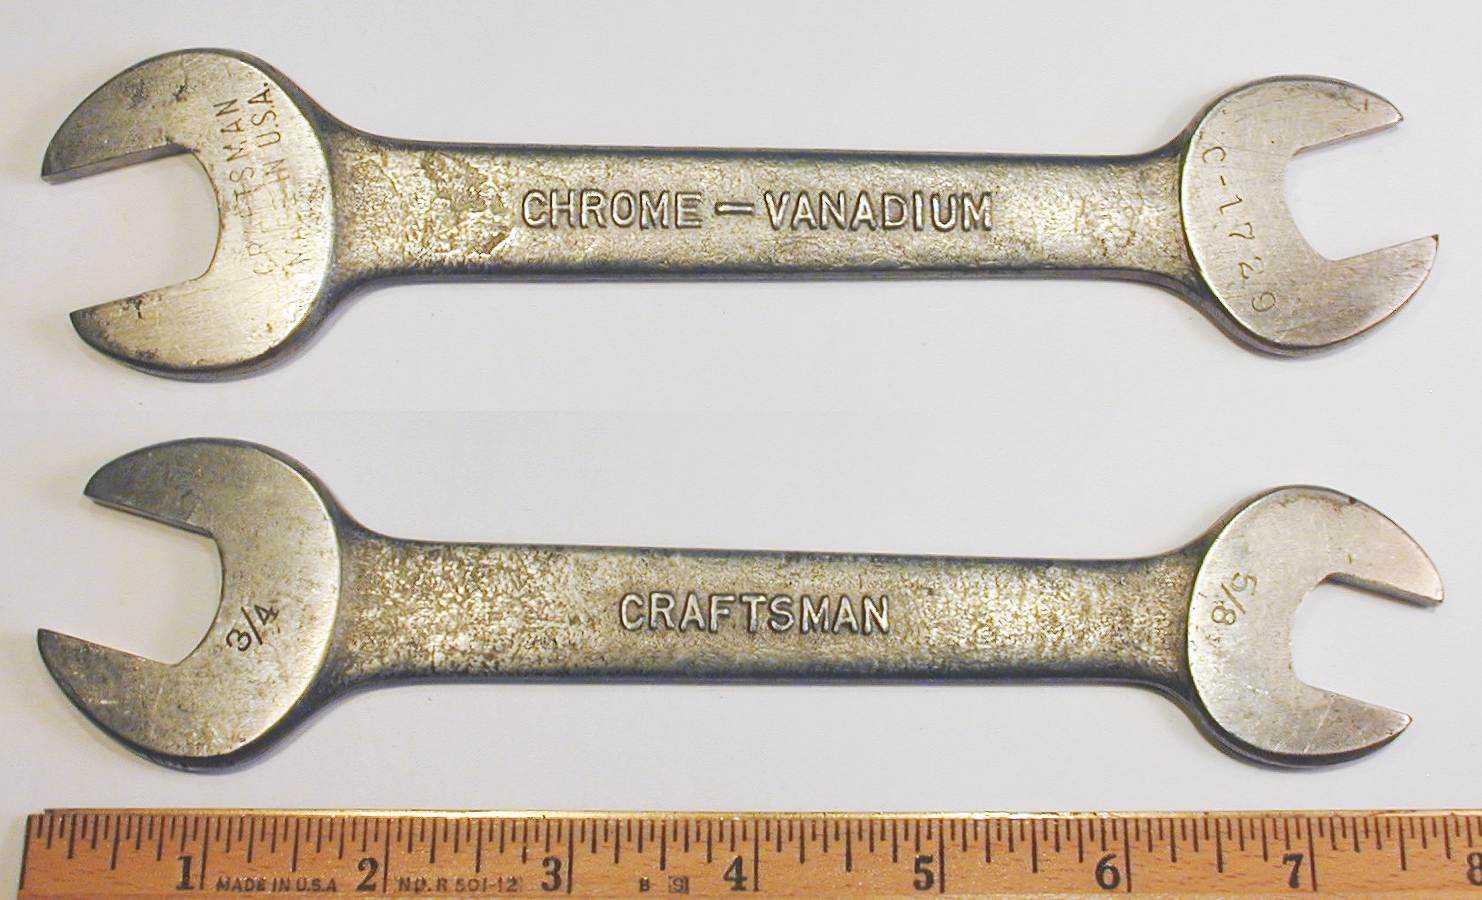 гаечный ключ хром-ванадий